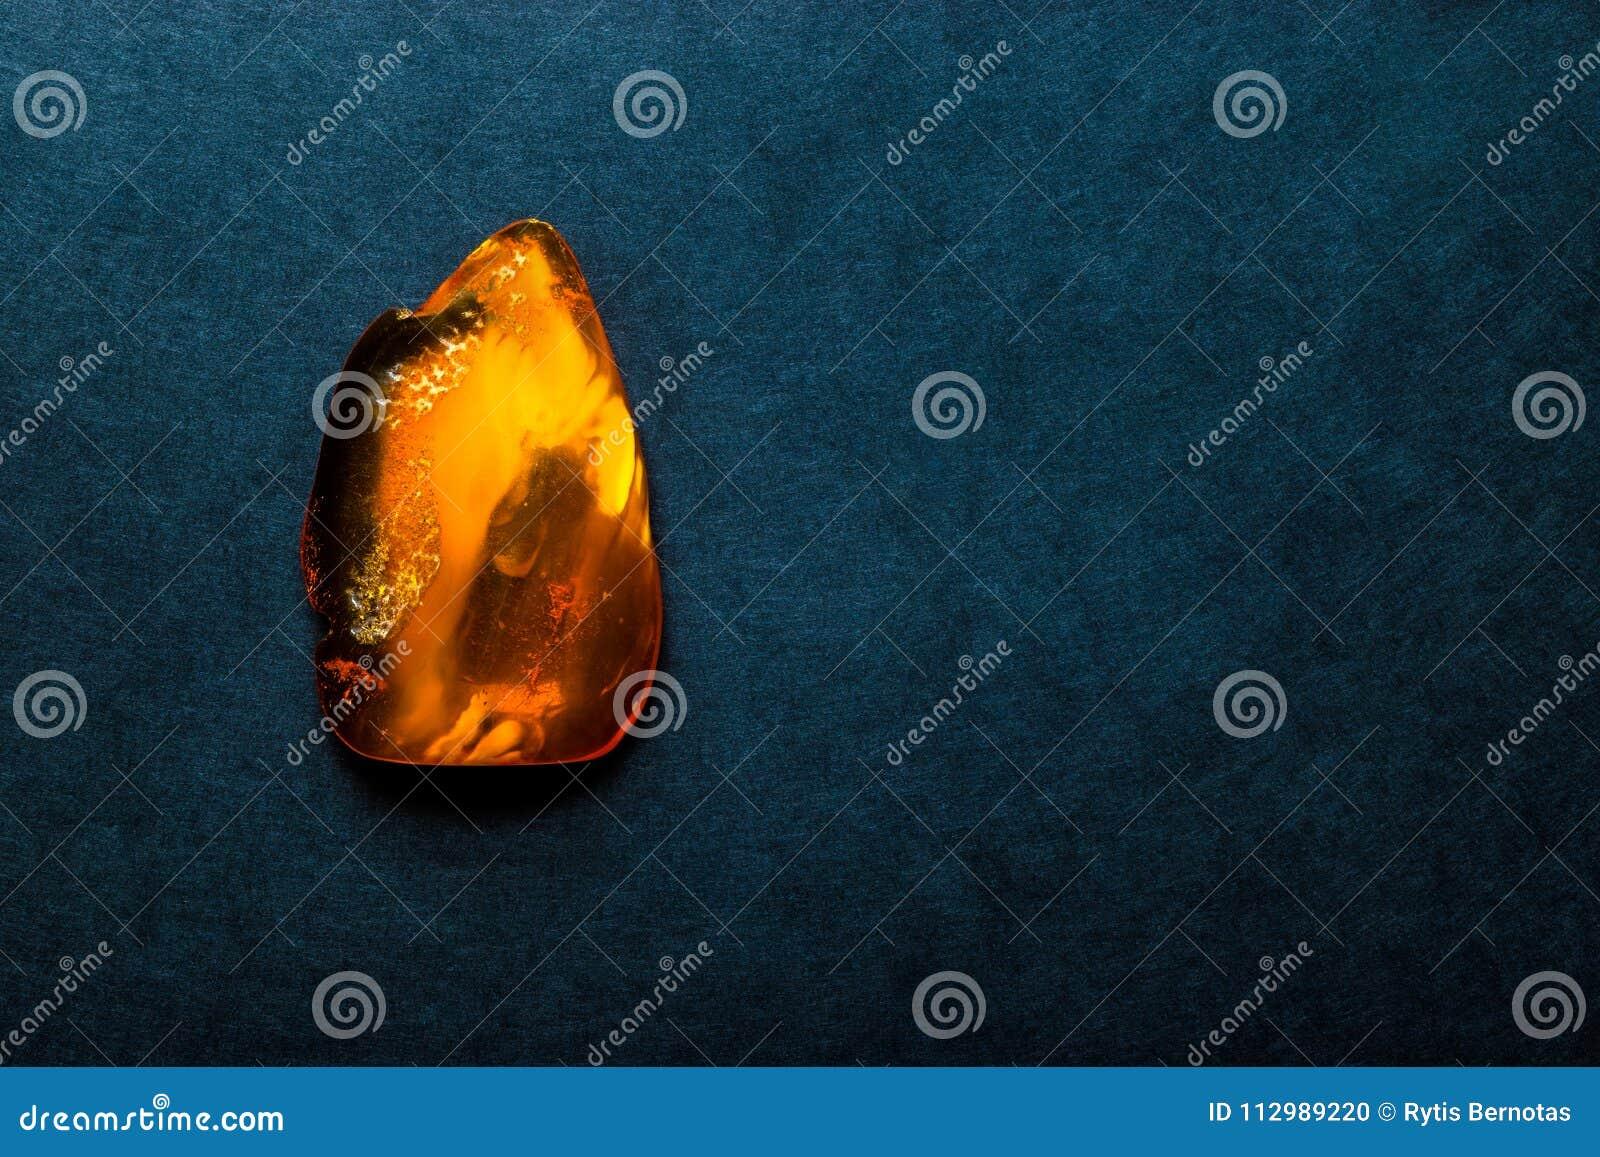 Bursztynu kamień na zmroku - błękitna tło powierzchnia Z Bezpłatną przestrzenią